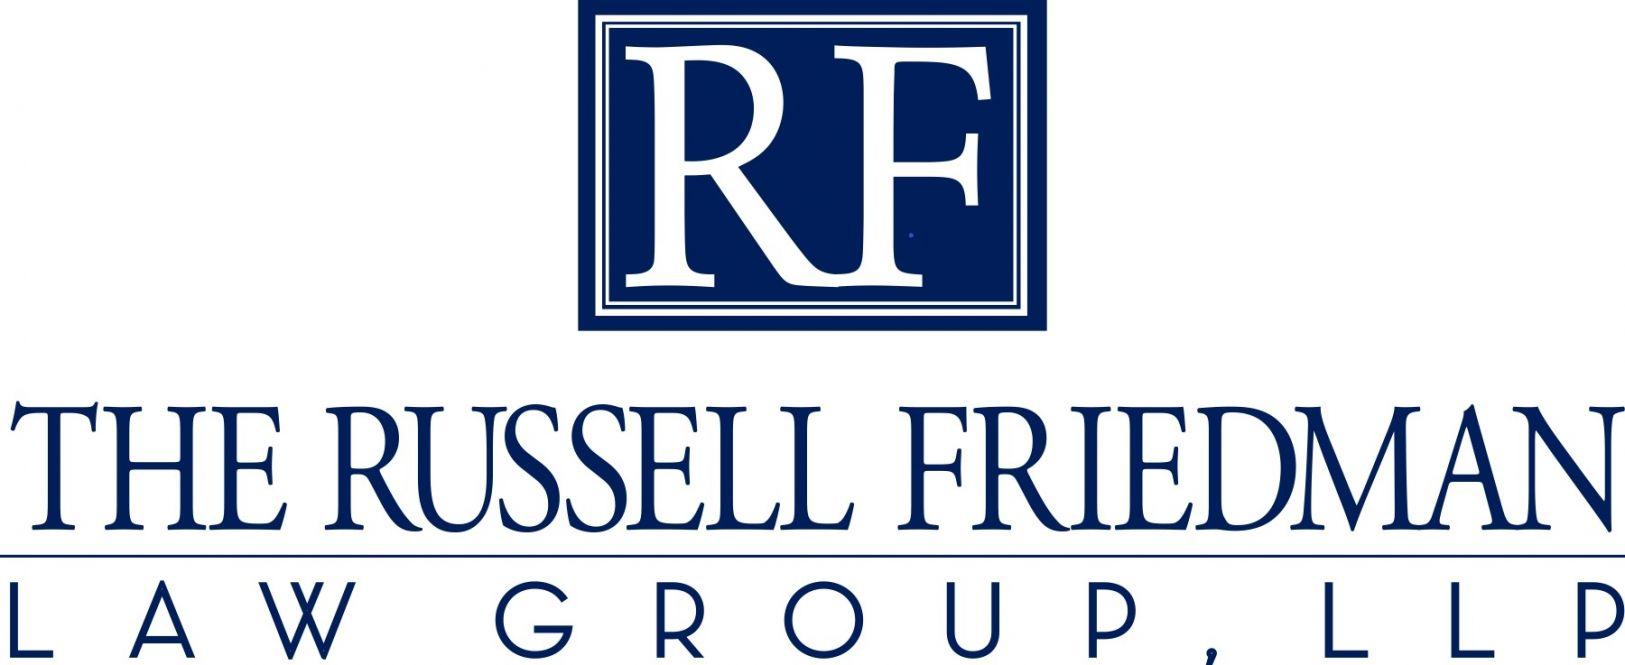 www.rfriedmanlawgroup.com